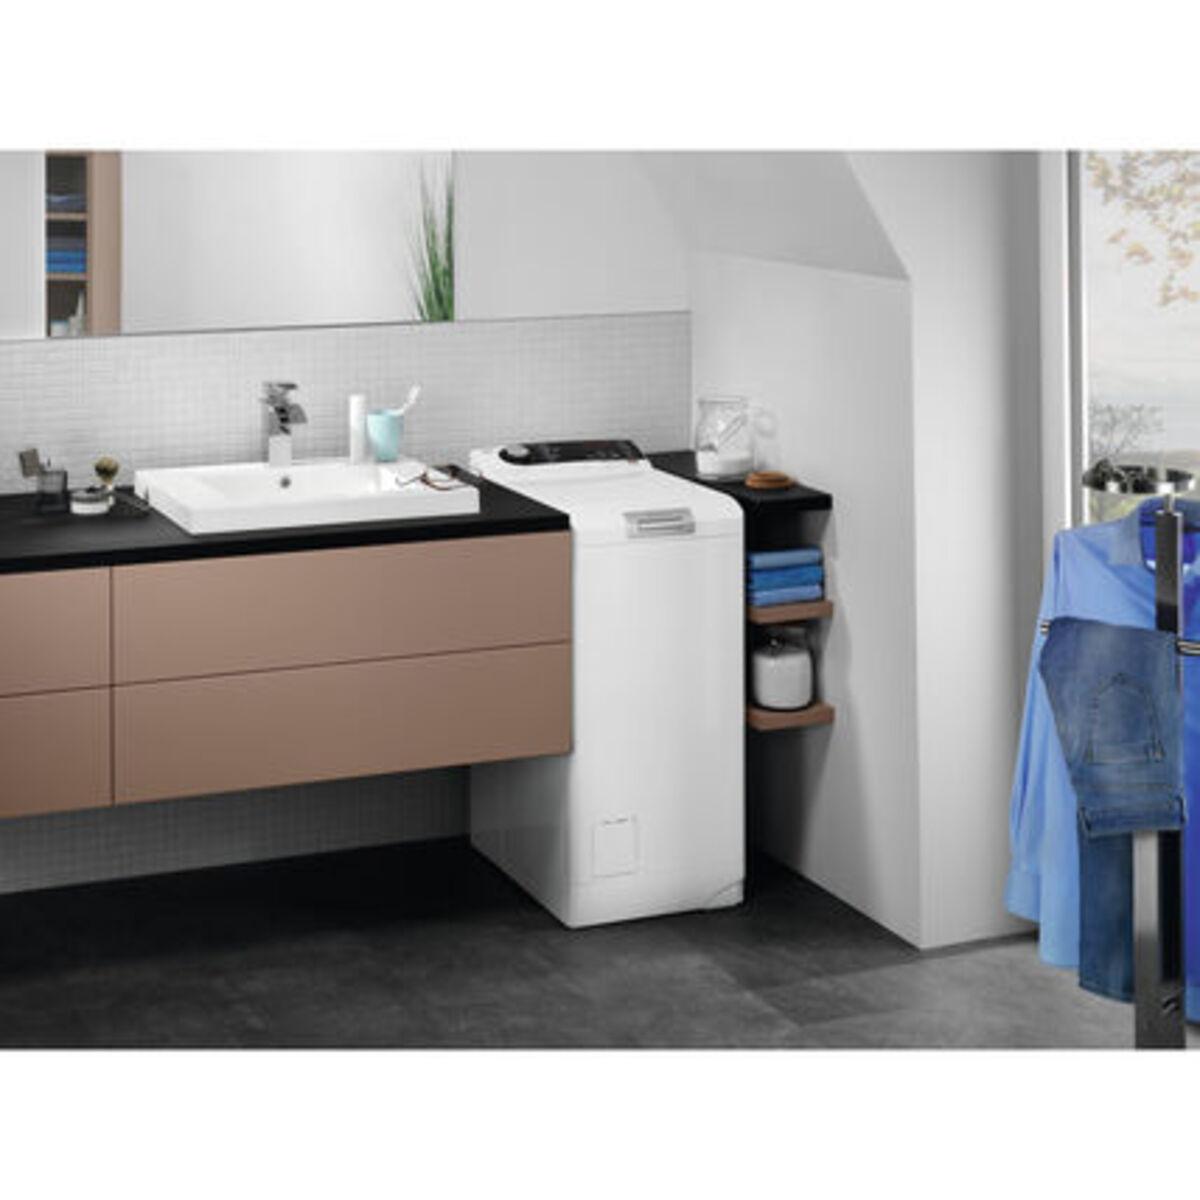 Bild 3 von AEG Lavamat L7TE74275 Toplader-Waschmaschine , A+++, weiß